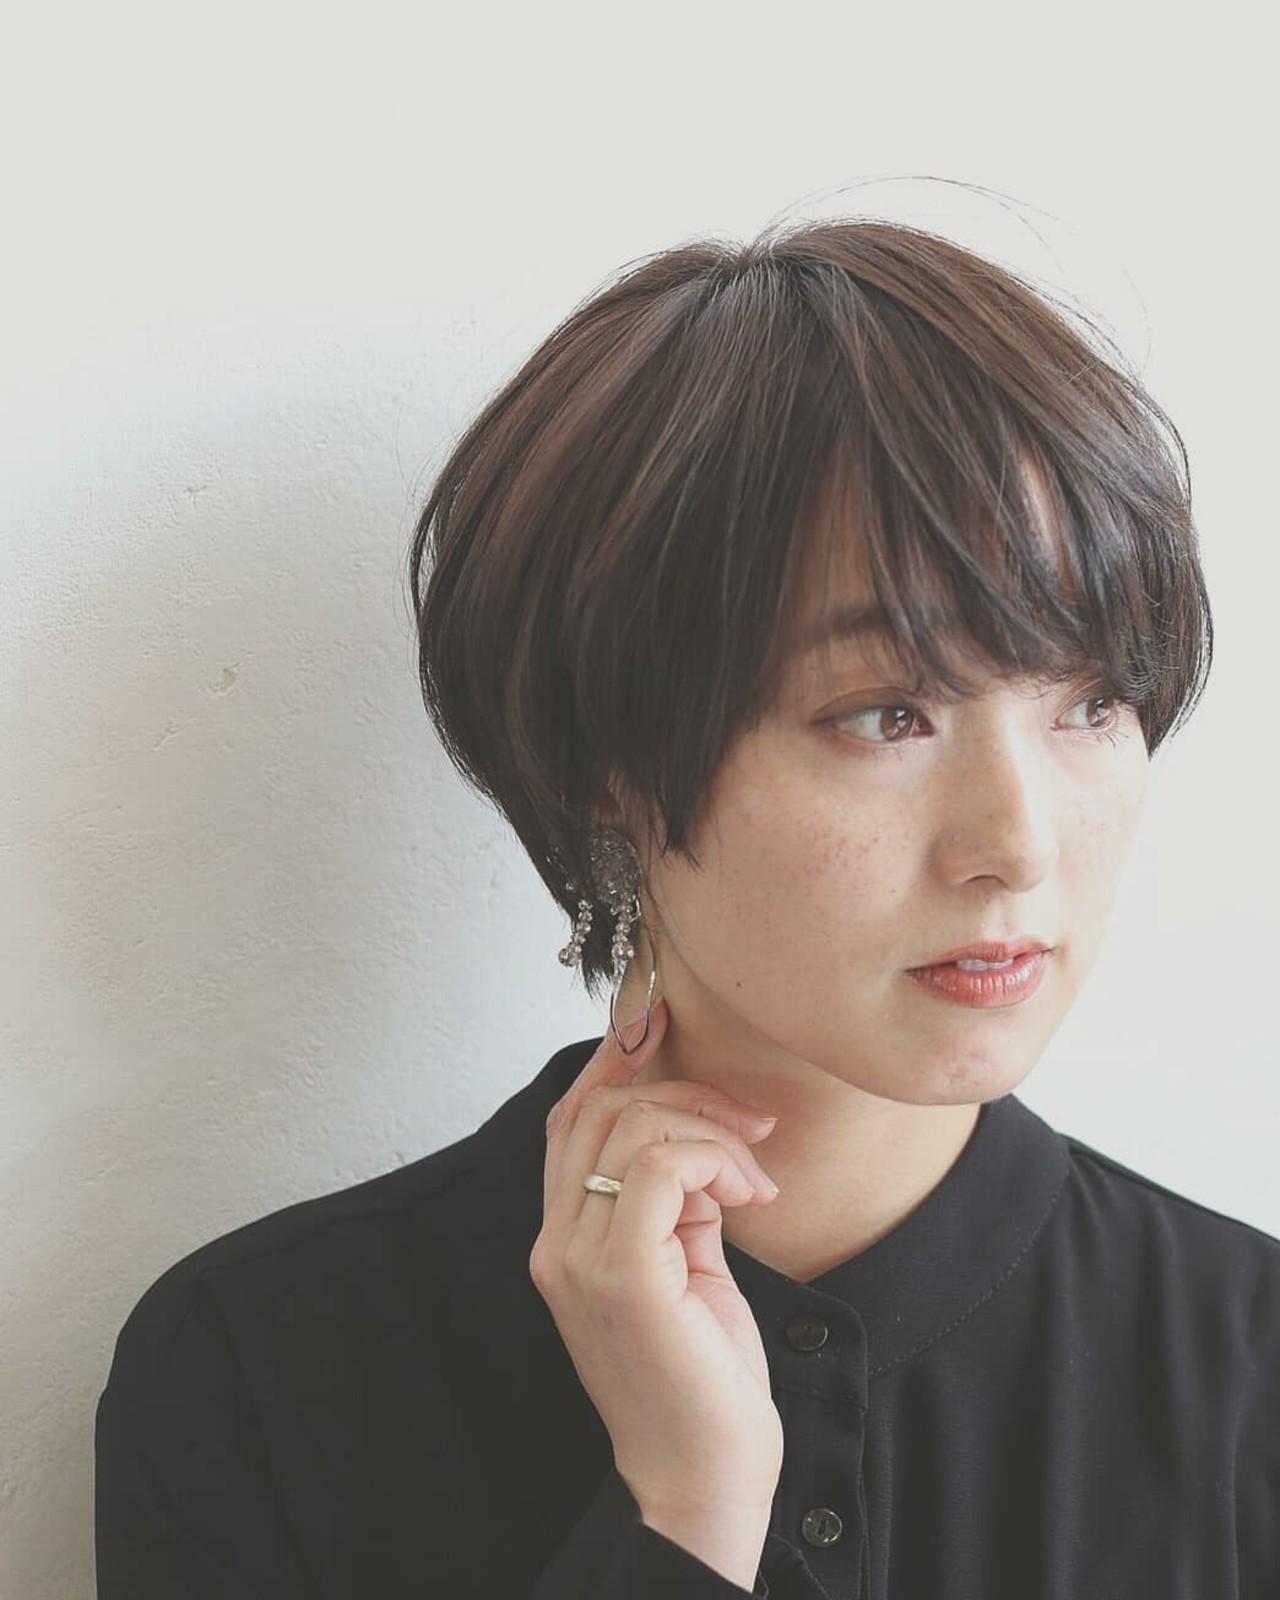 ストレート ナチュラル 大人女子 ショート ヘアスタイルや髪型の写真・画像 | asuka /